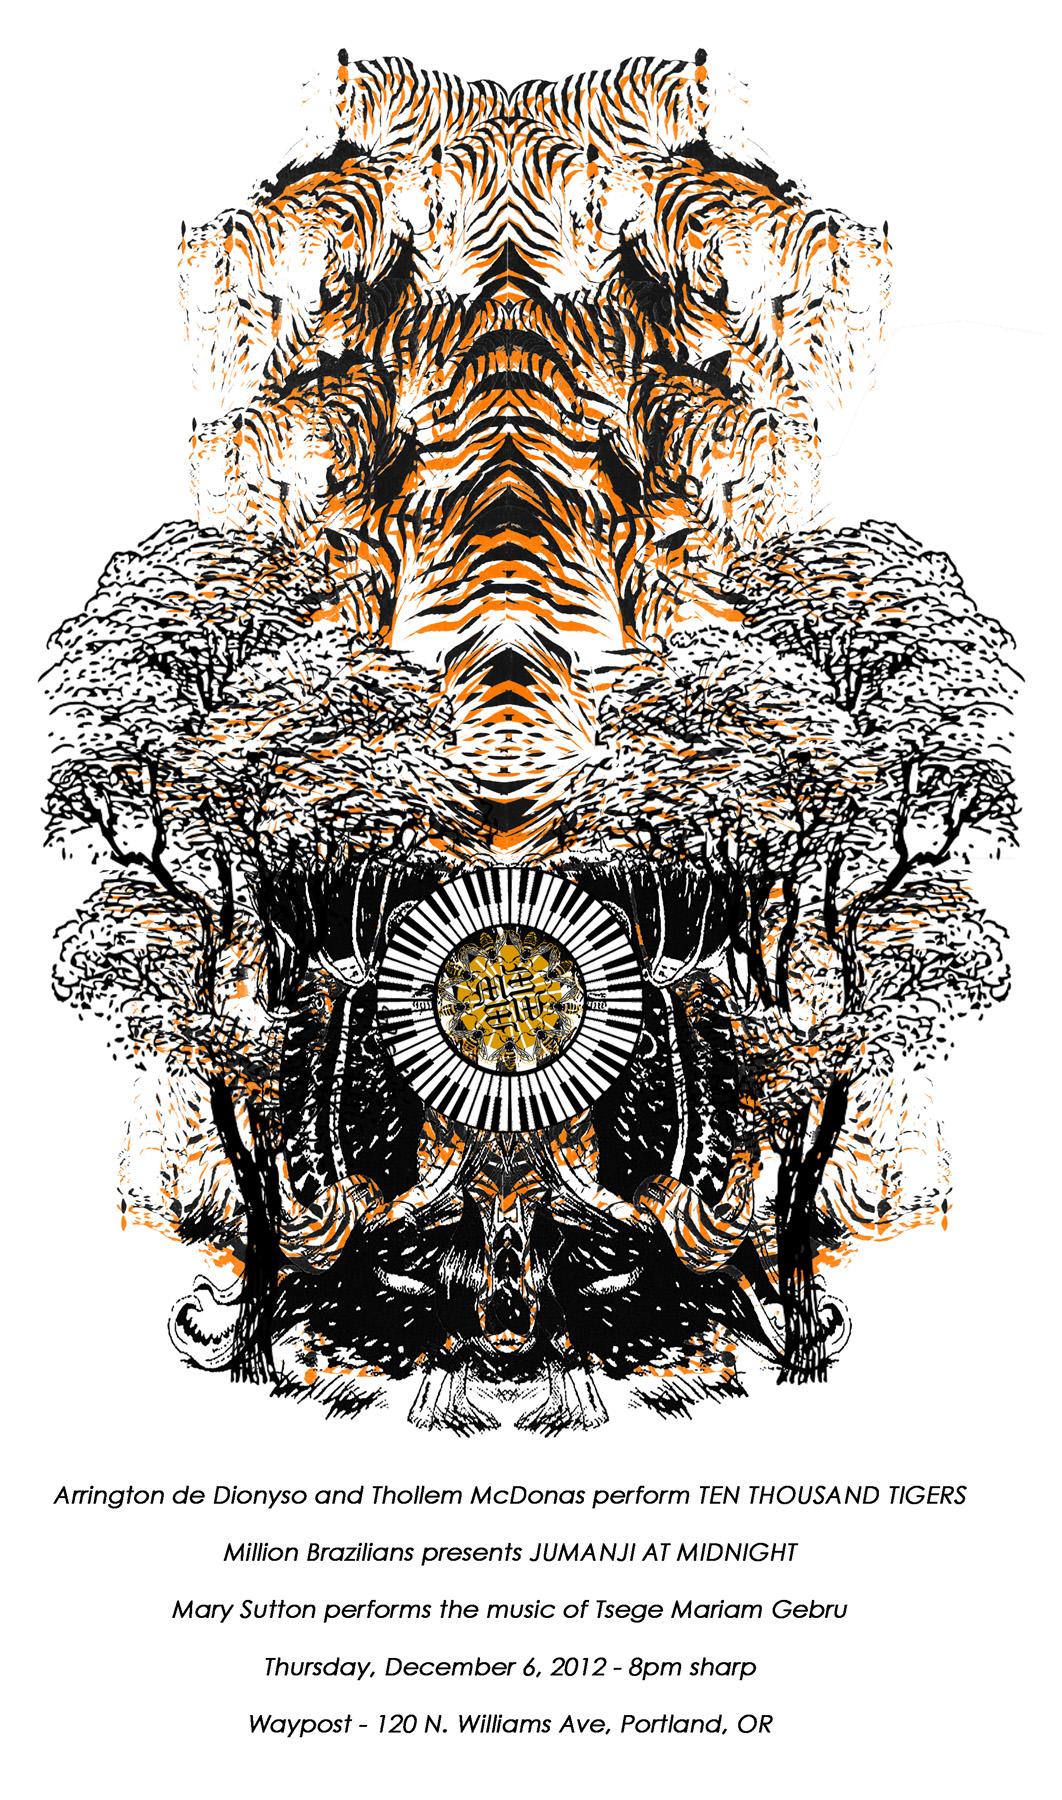 10,000 Tigers